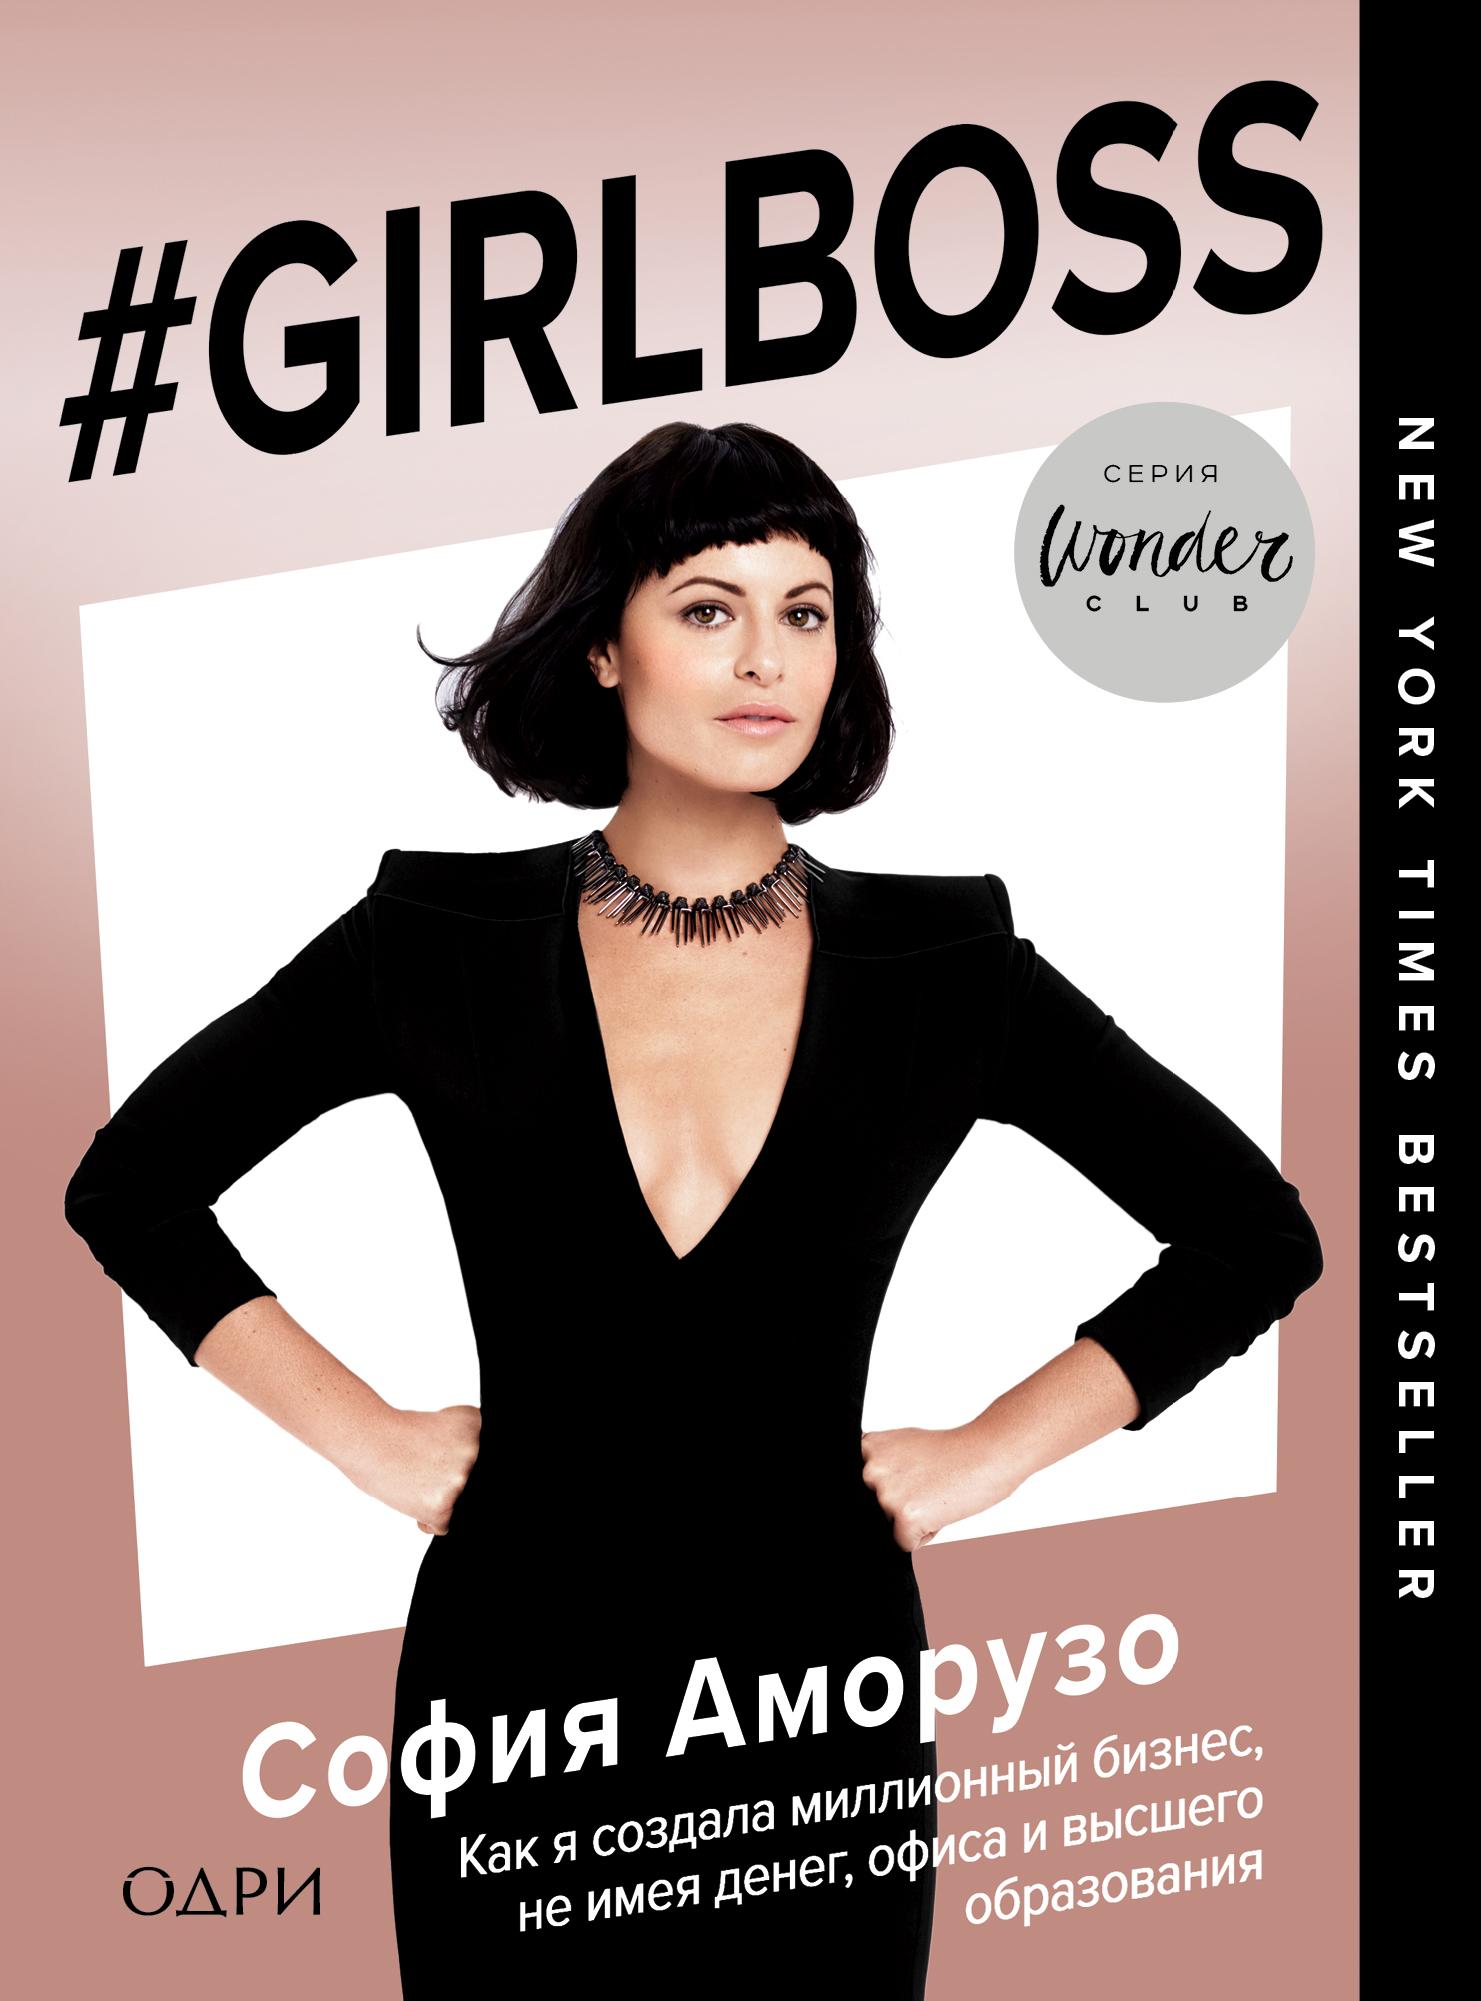 София Аморусо «#Girlboss. Как я создала миллионный бизнес, не имея денег, офиса и высшего образования»